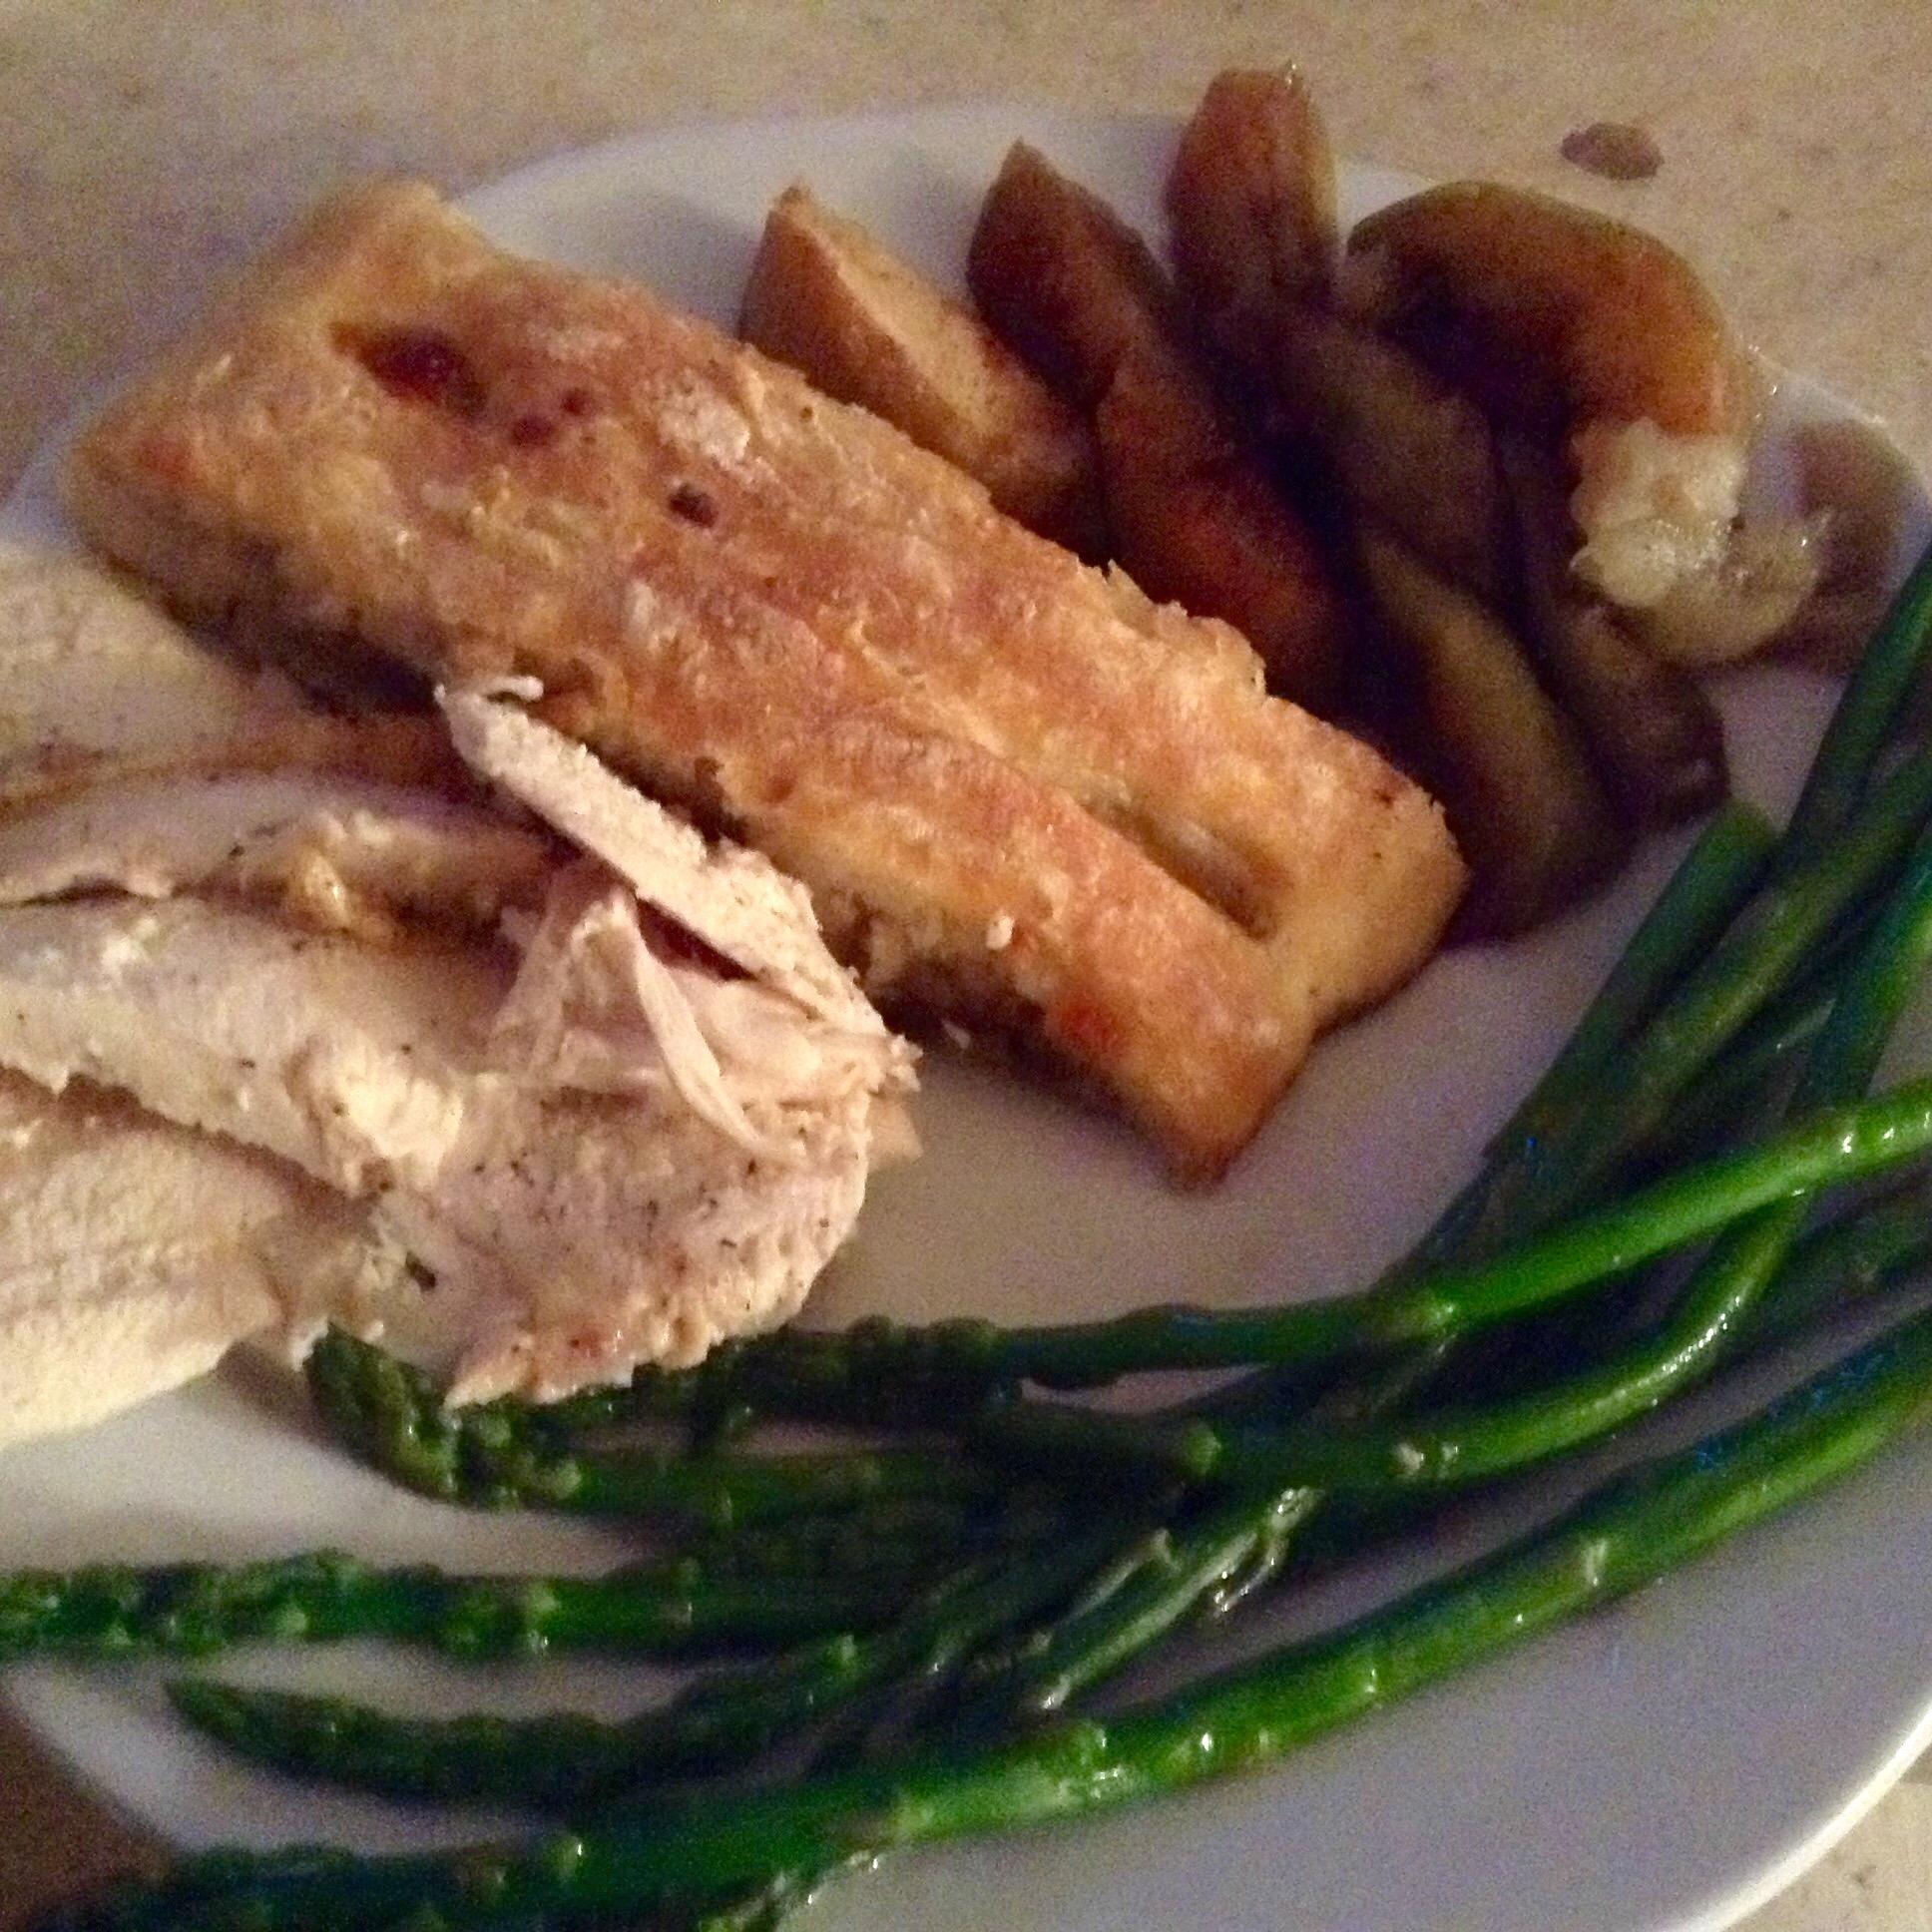 food blog hobbit meal